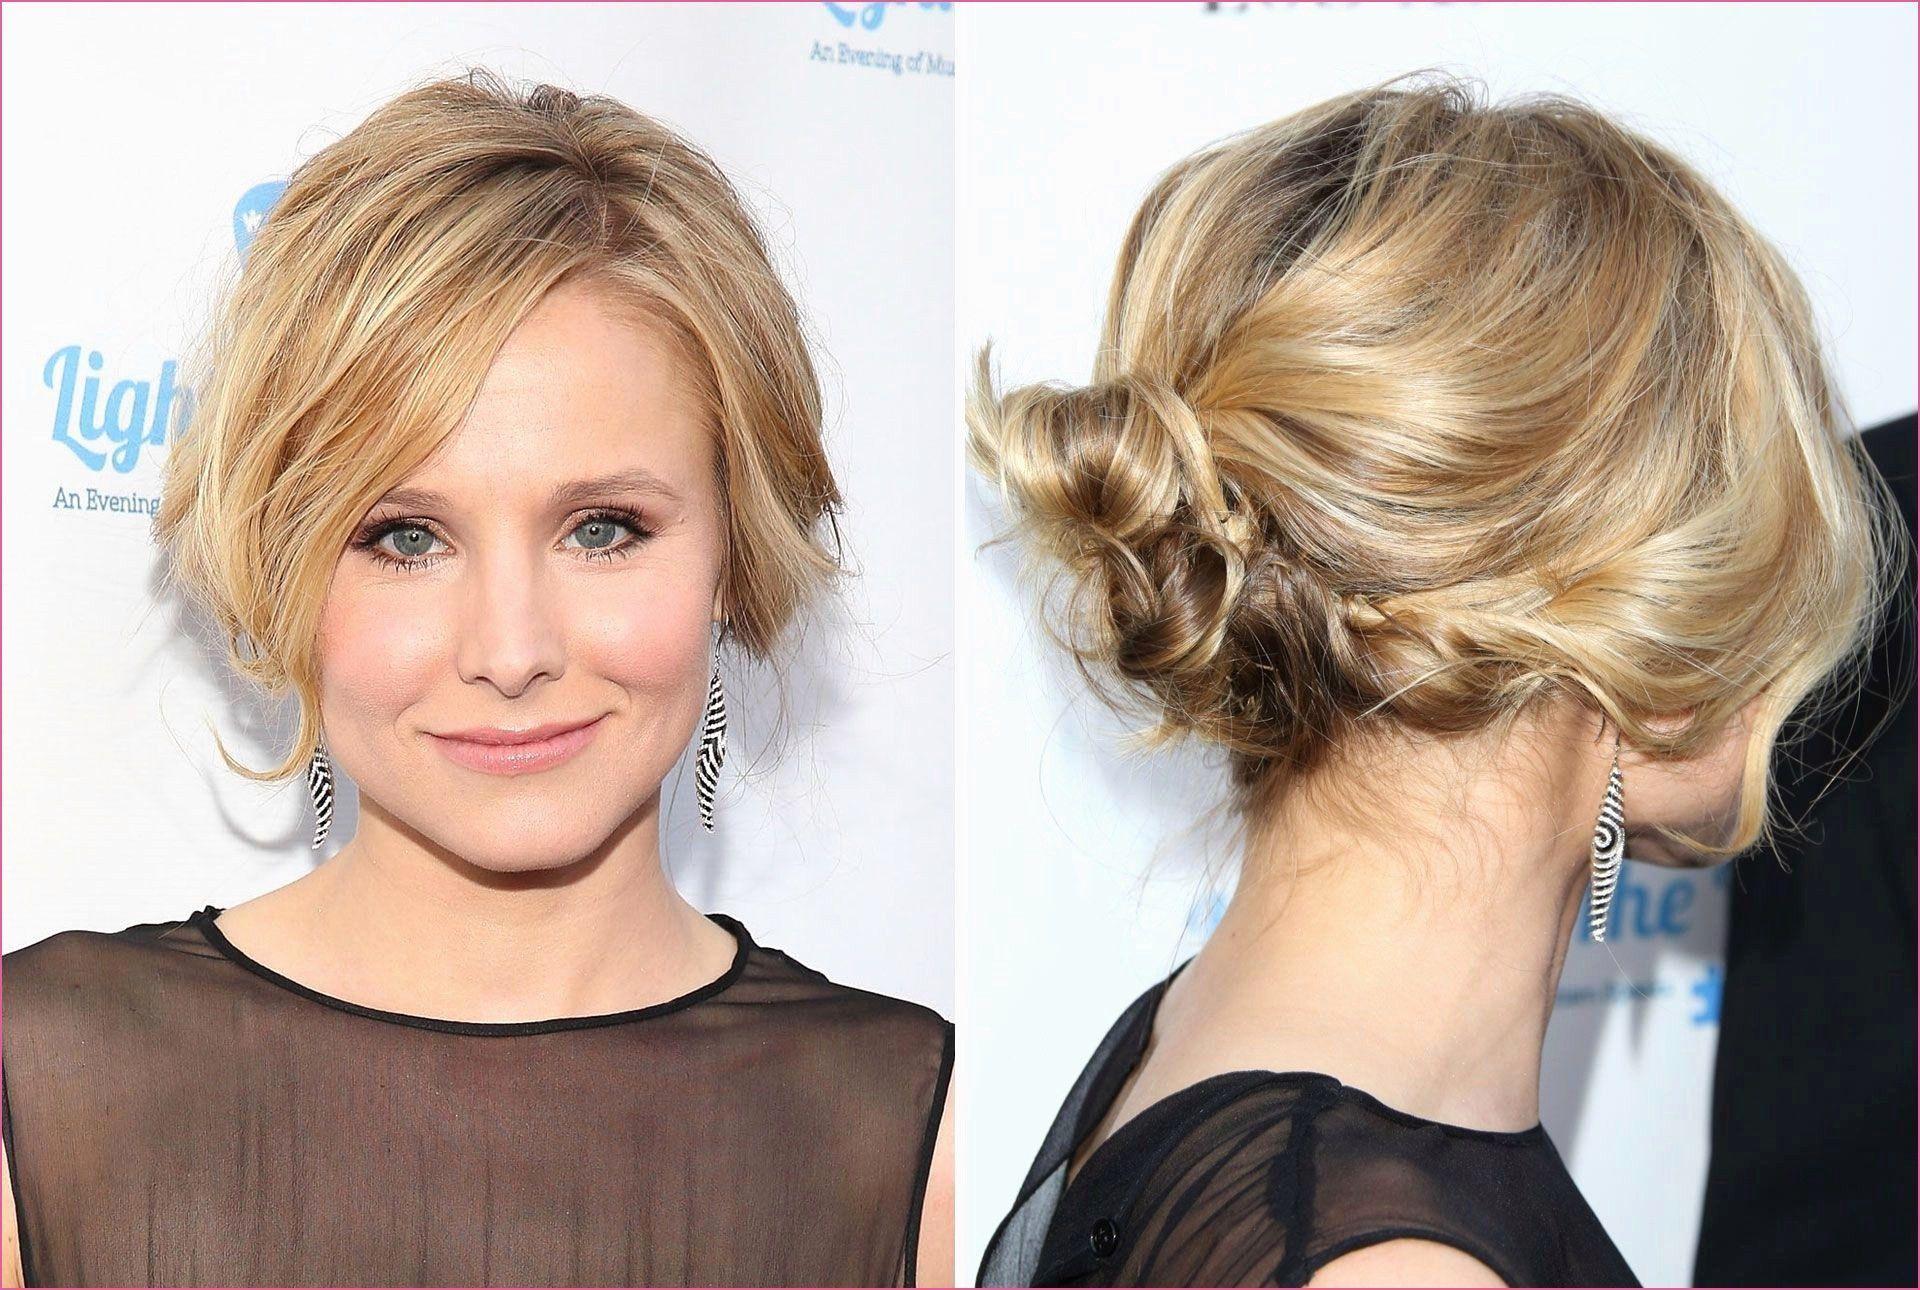 Frisuren Frisurenmittellangeshaareinfach Gestuft Haar Halblanges Frisuren Halblanges Haar Gestuft In 2020 Short Thin Hair Short Wedding Hair Braids For Short Hair